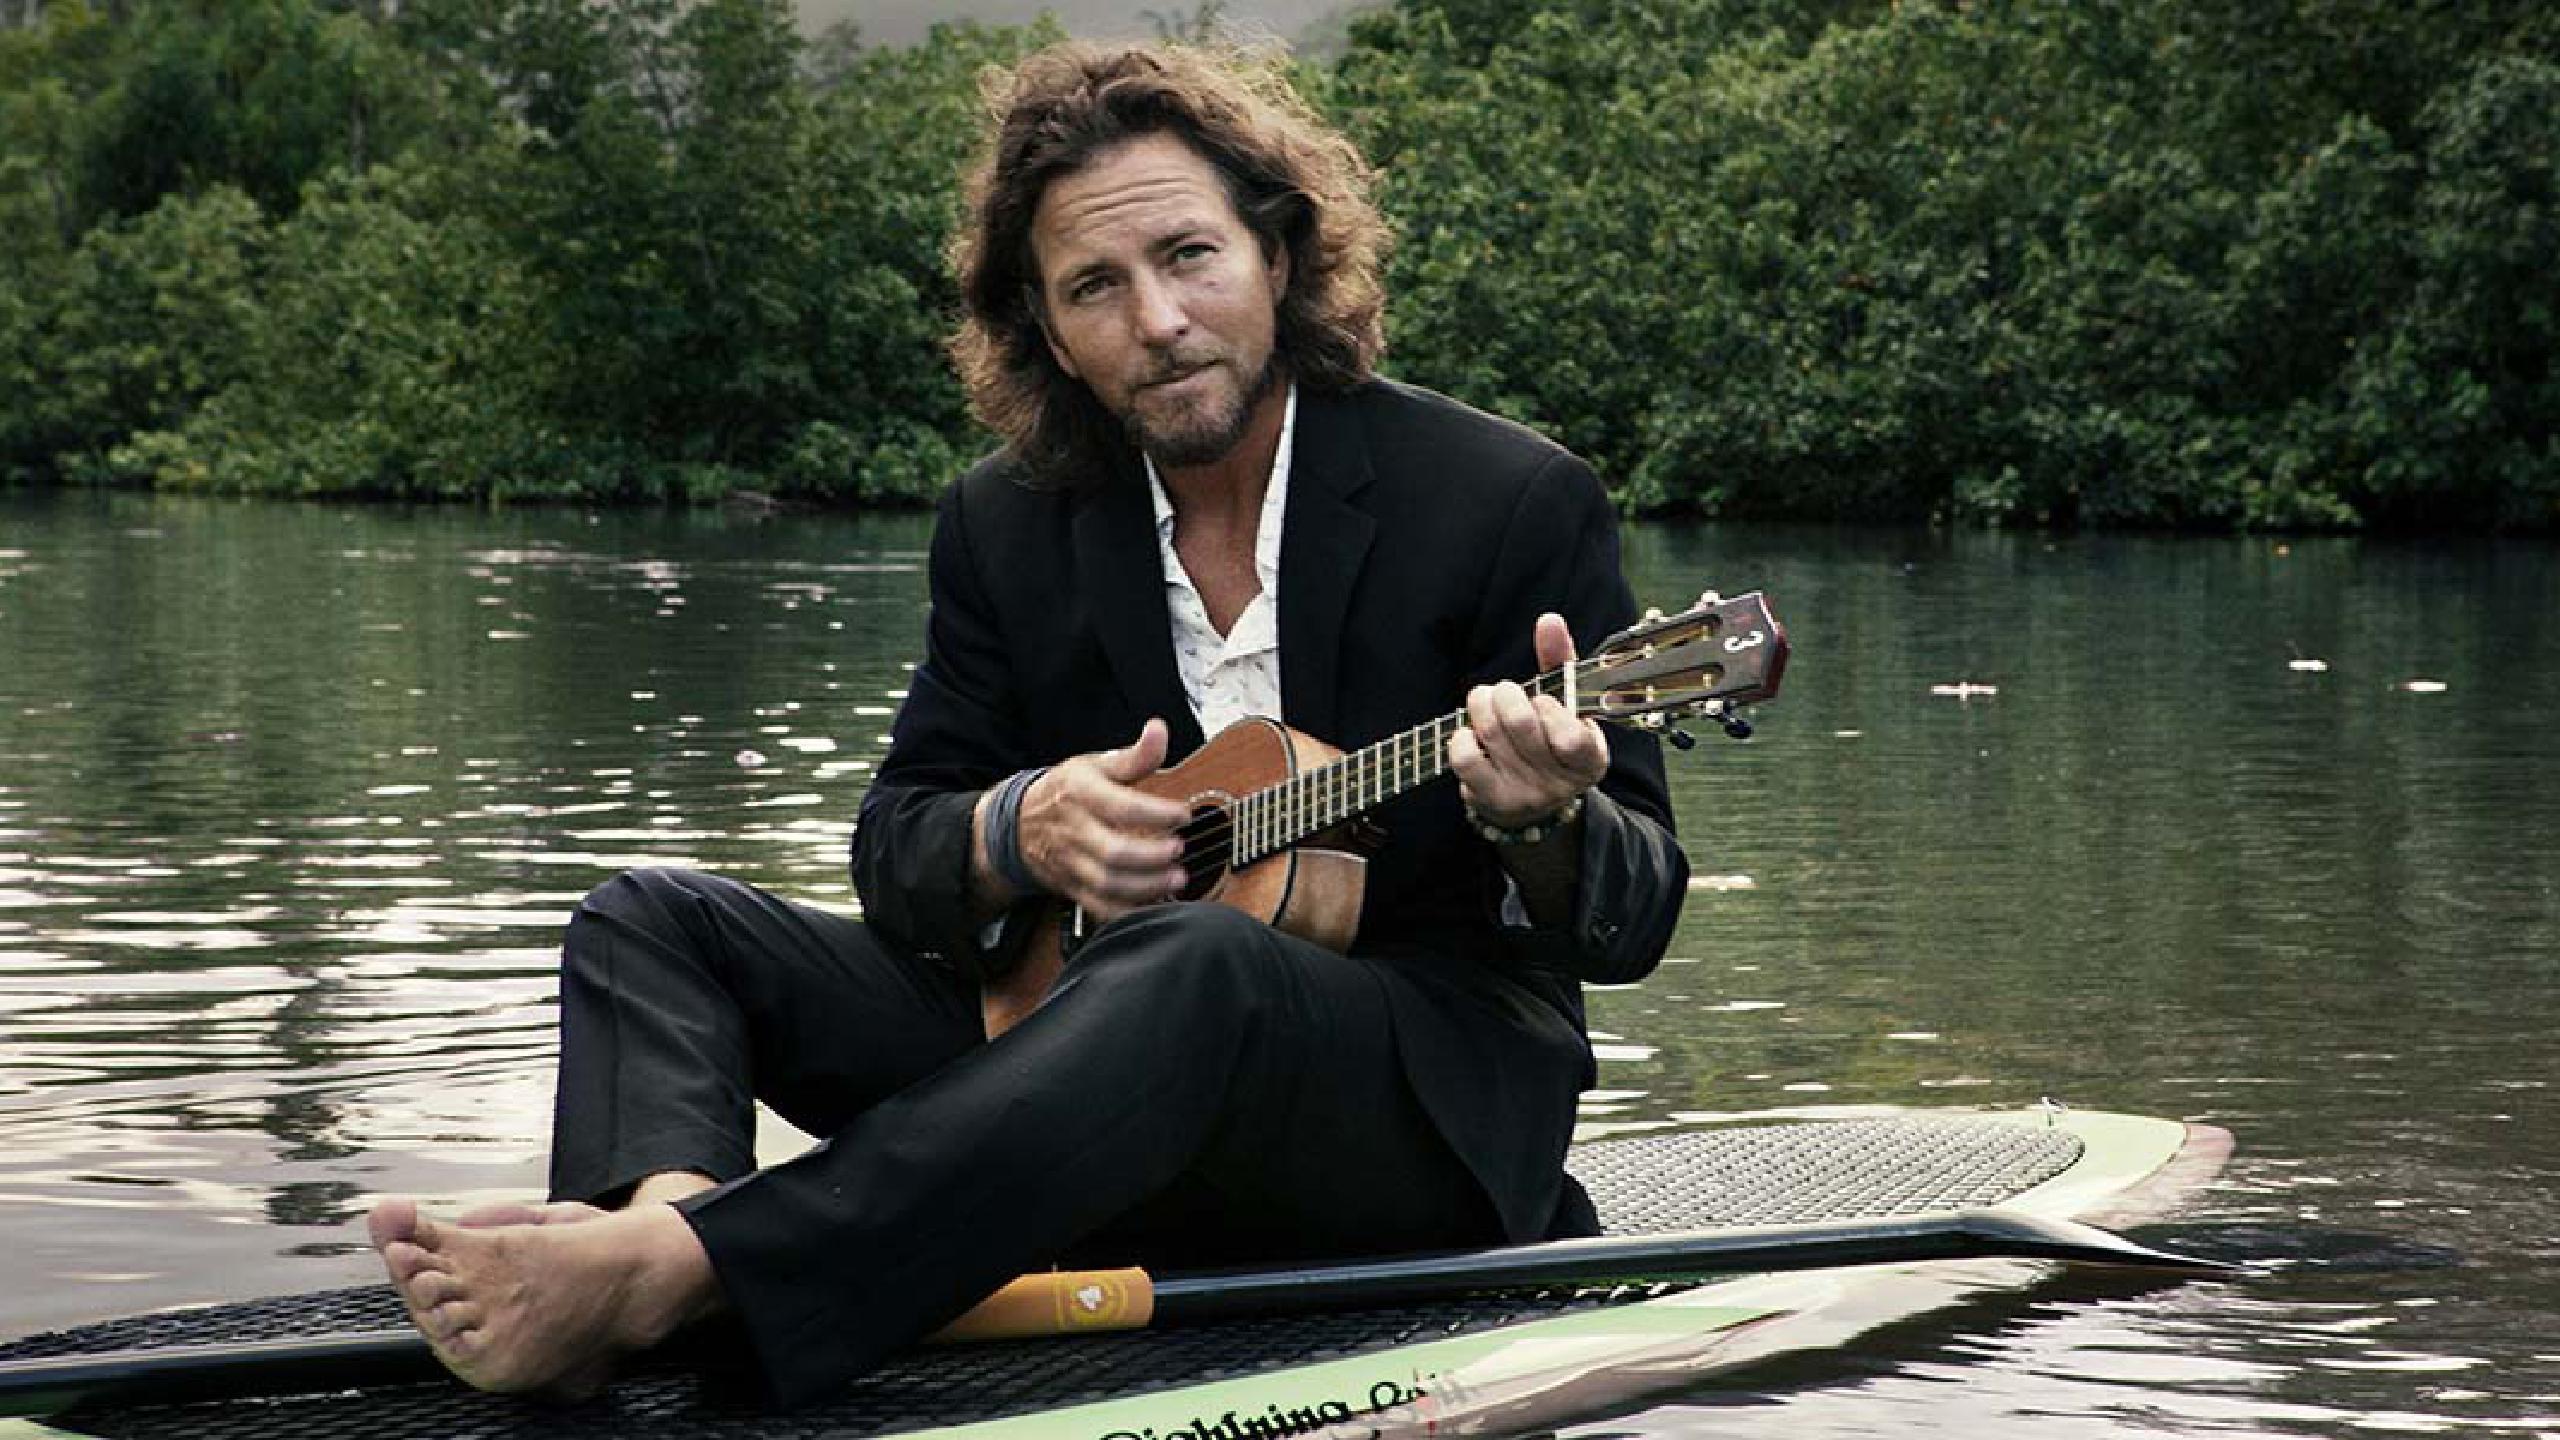 Eddie Vedder fechas de gira 2021 2022. Eddie Vedder entradas y conciertos |  Wegow España